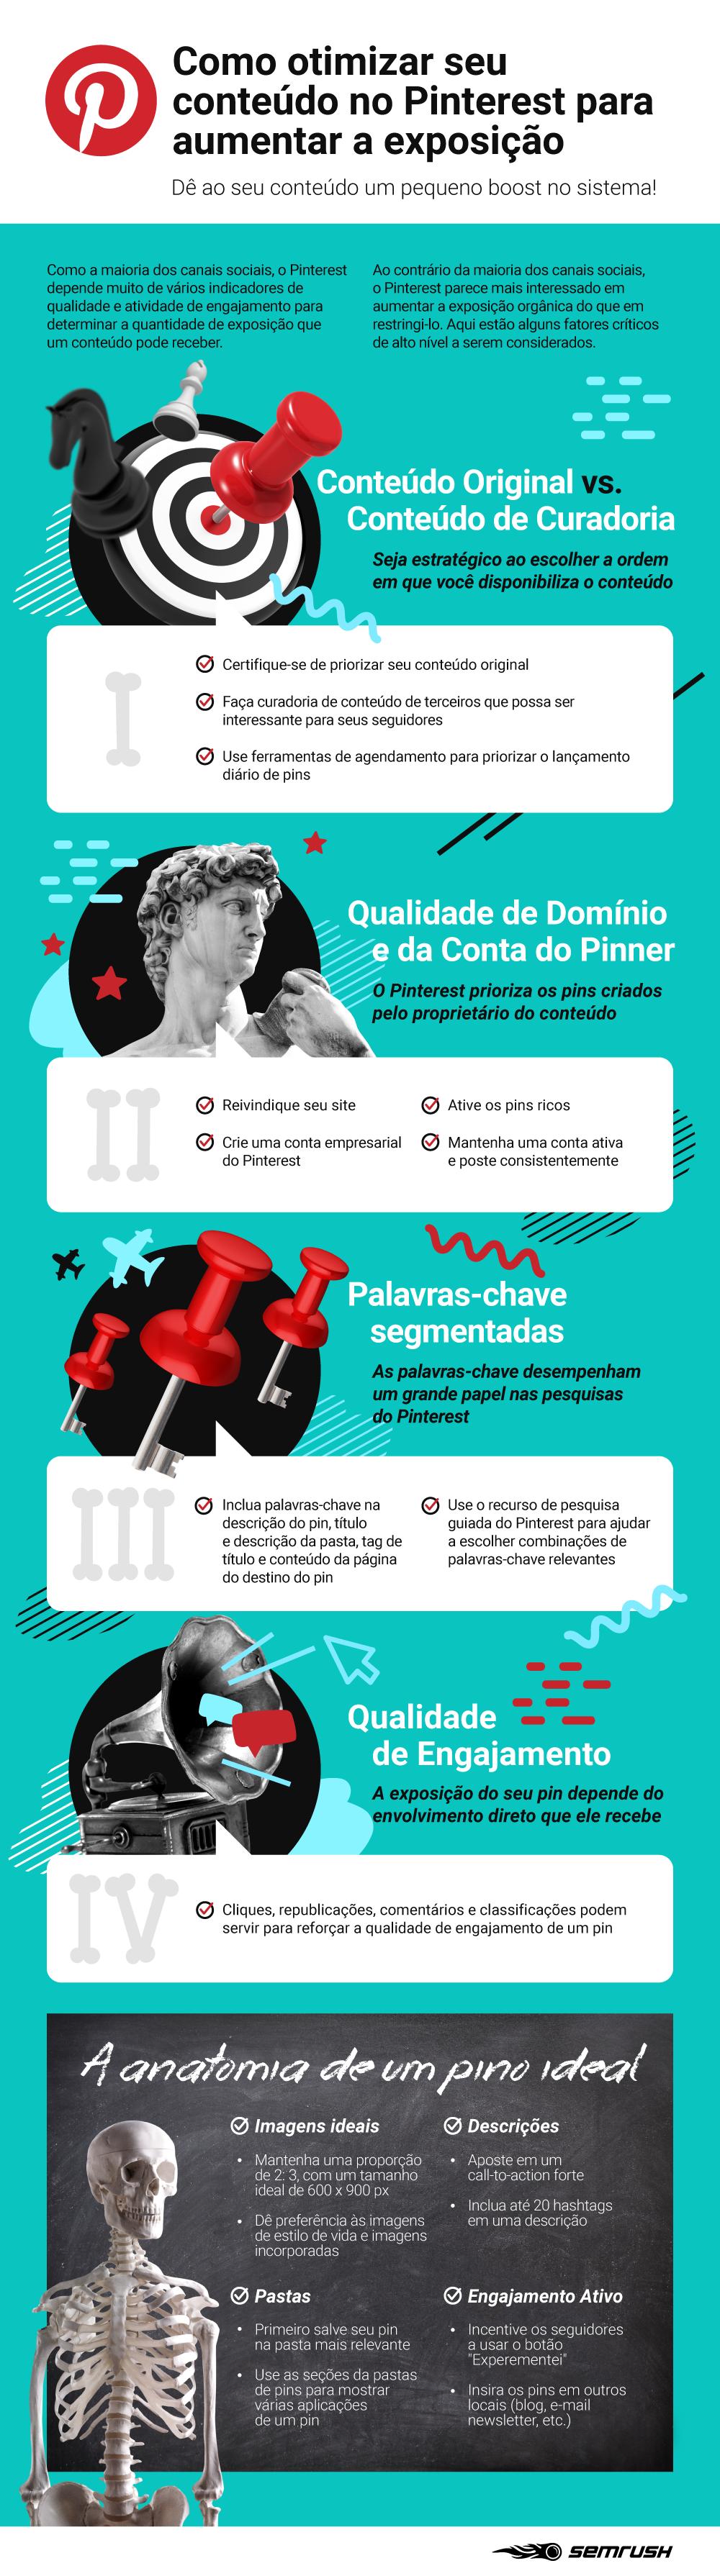 Pinterest: O Que É e Como Otimizar Imagens e Descrições em 2020 . Imagem 5